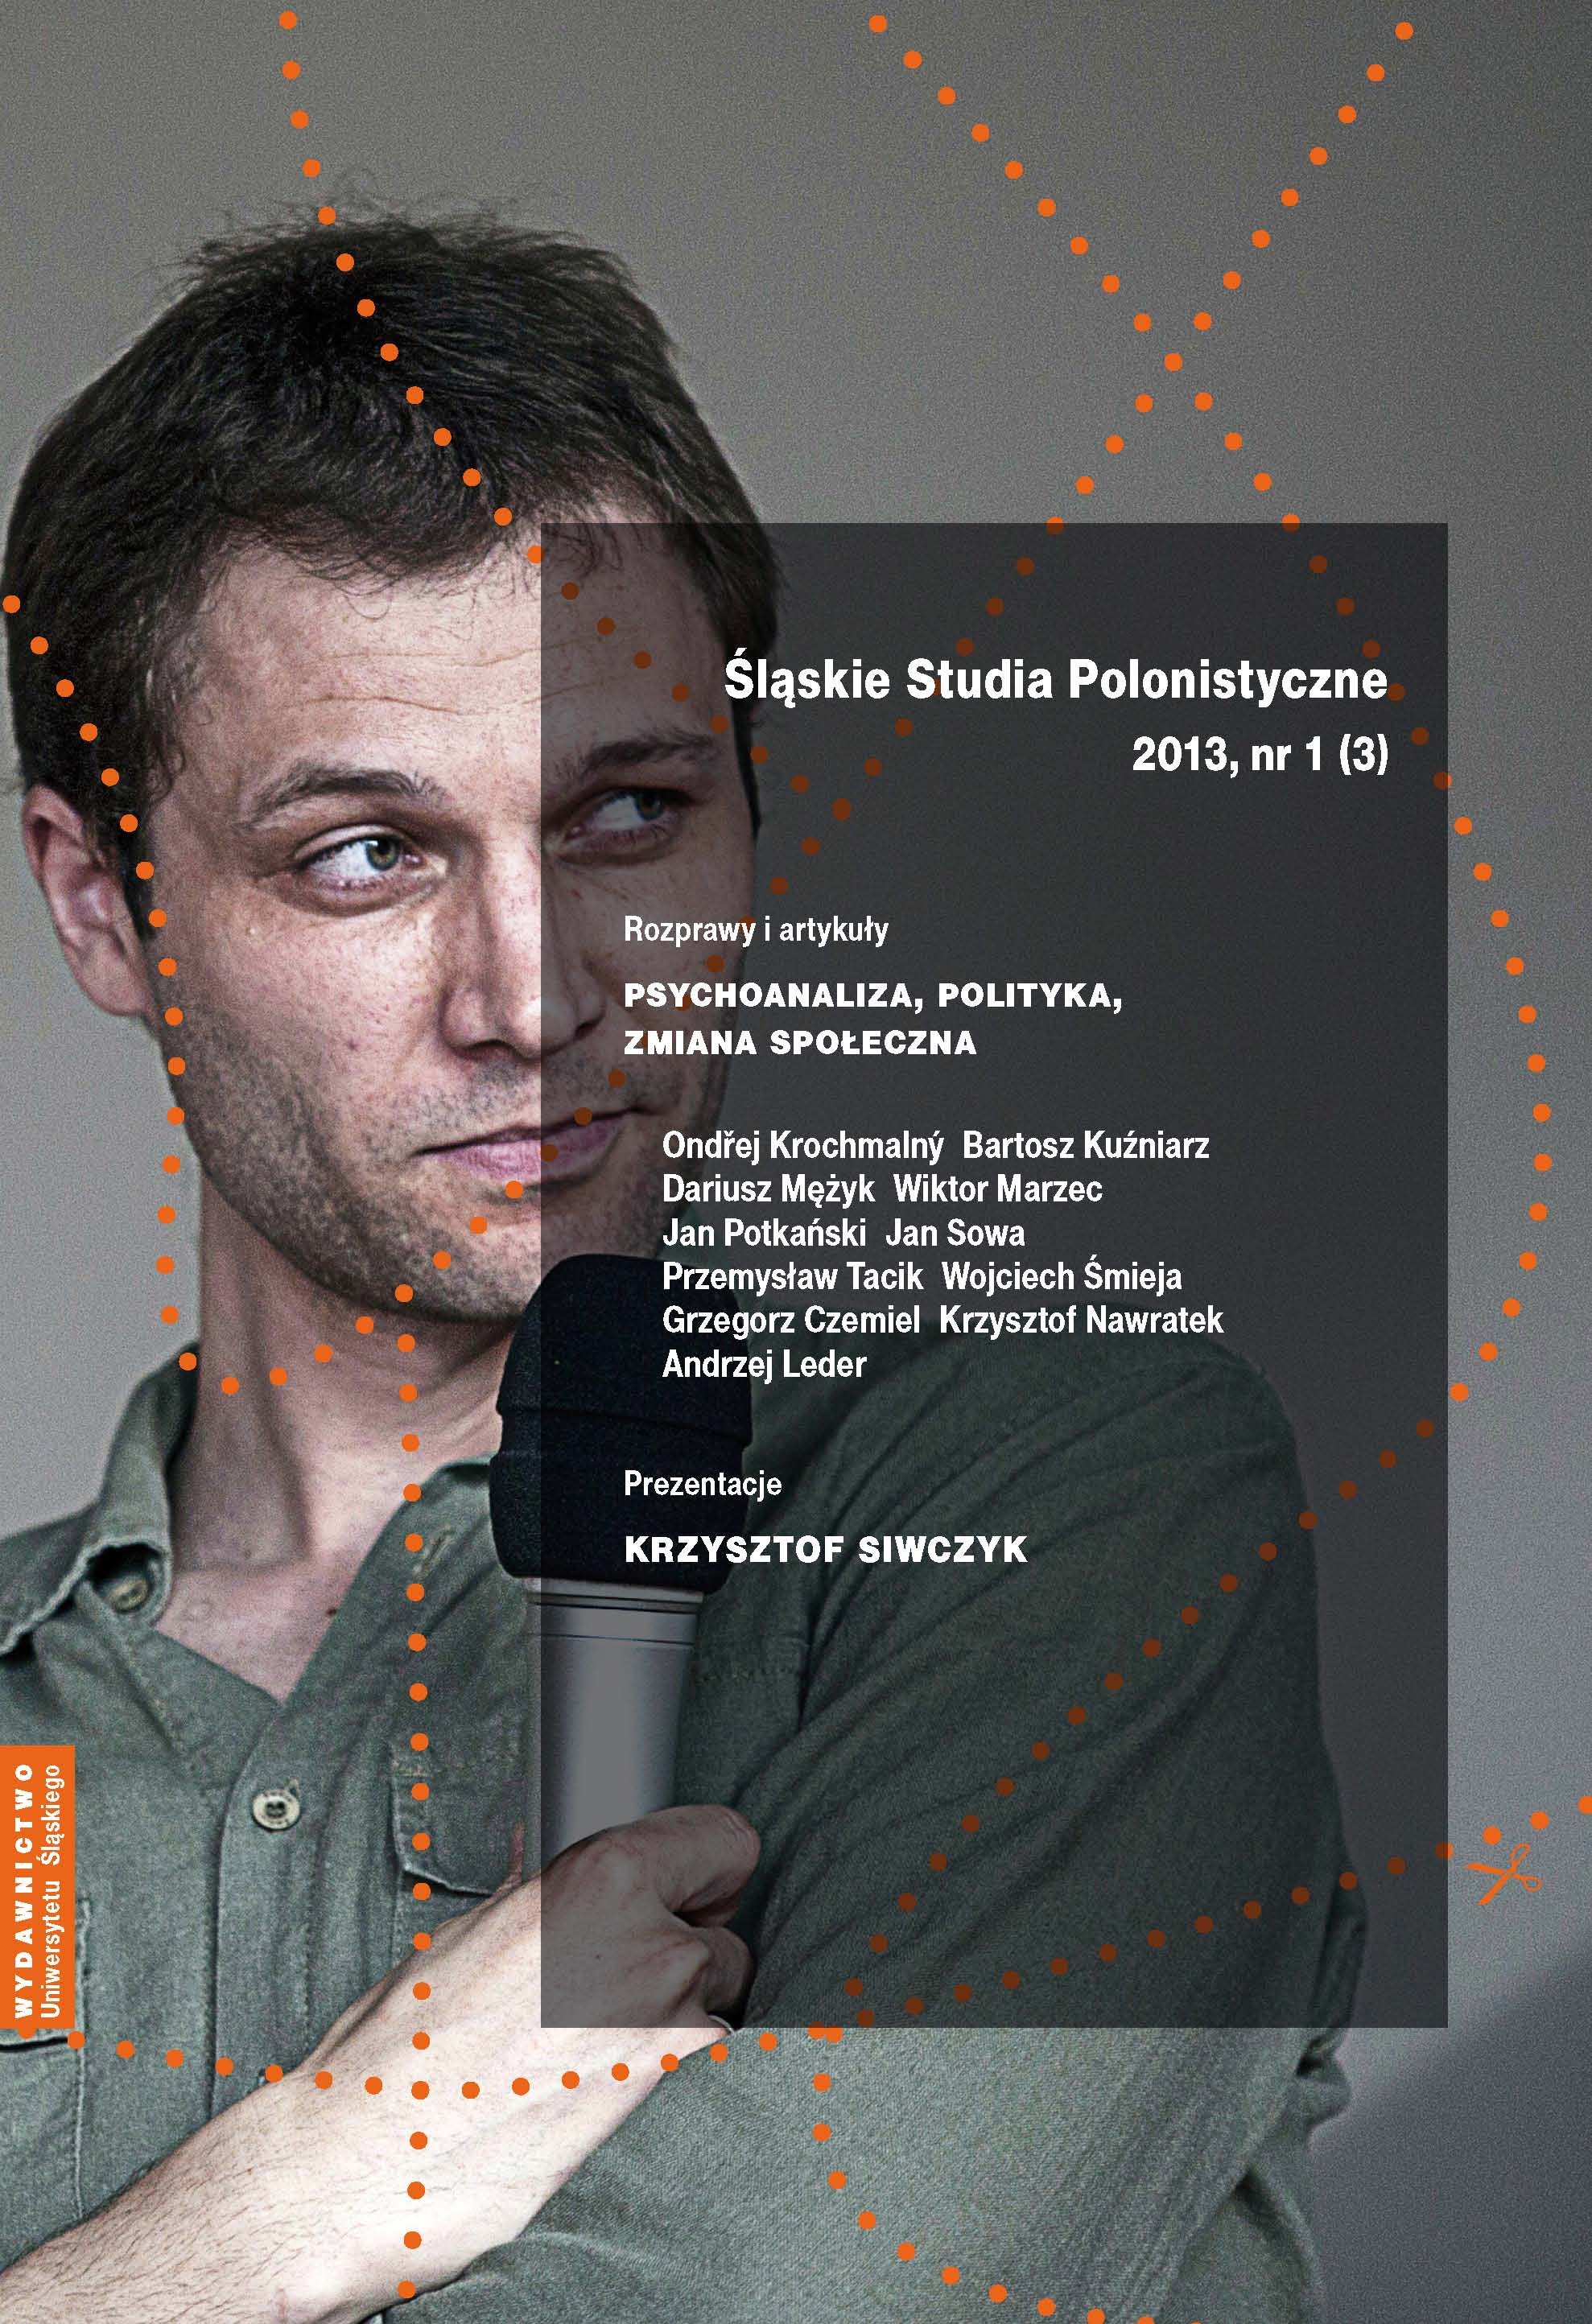 Śląskie Studia Polonistyczne 2013 nr 1 (3)